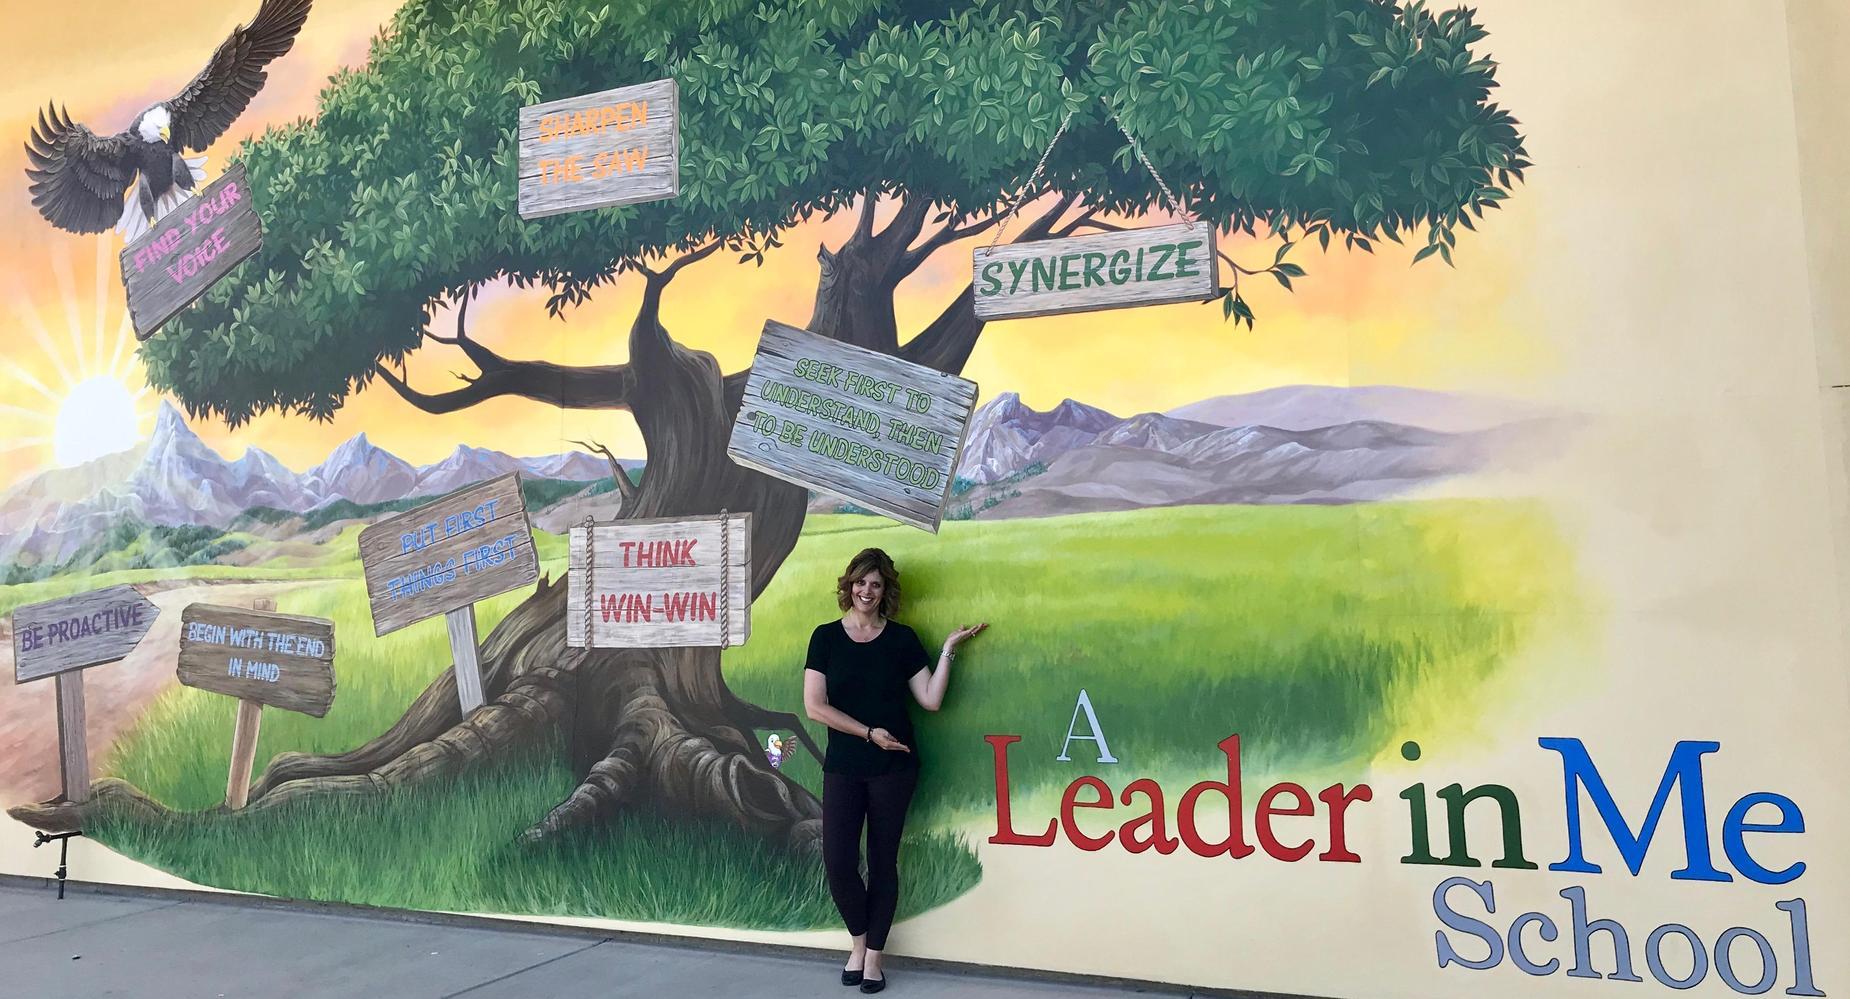 School Principal standing by school mural showcasing Leader in Me